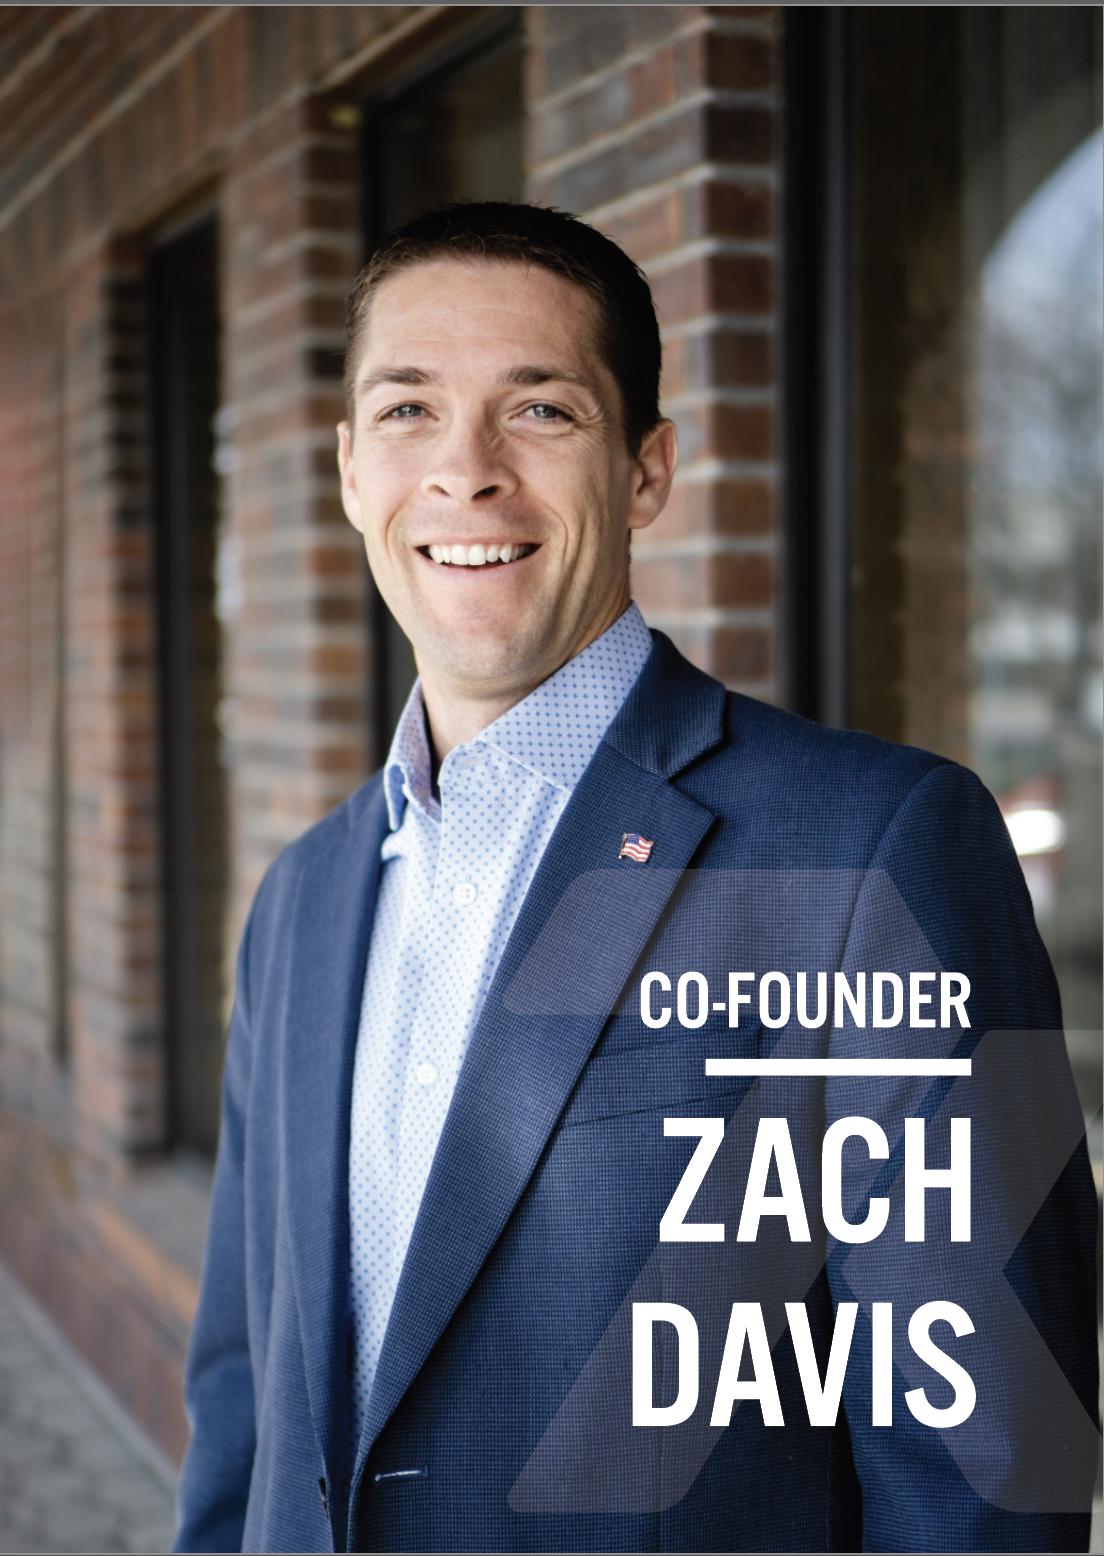 7k founder Zach Davis